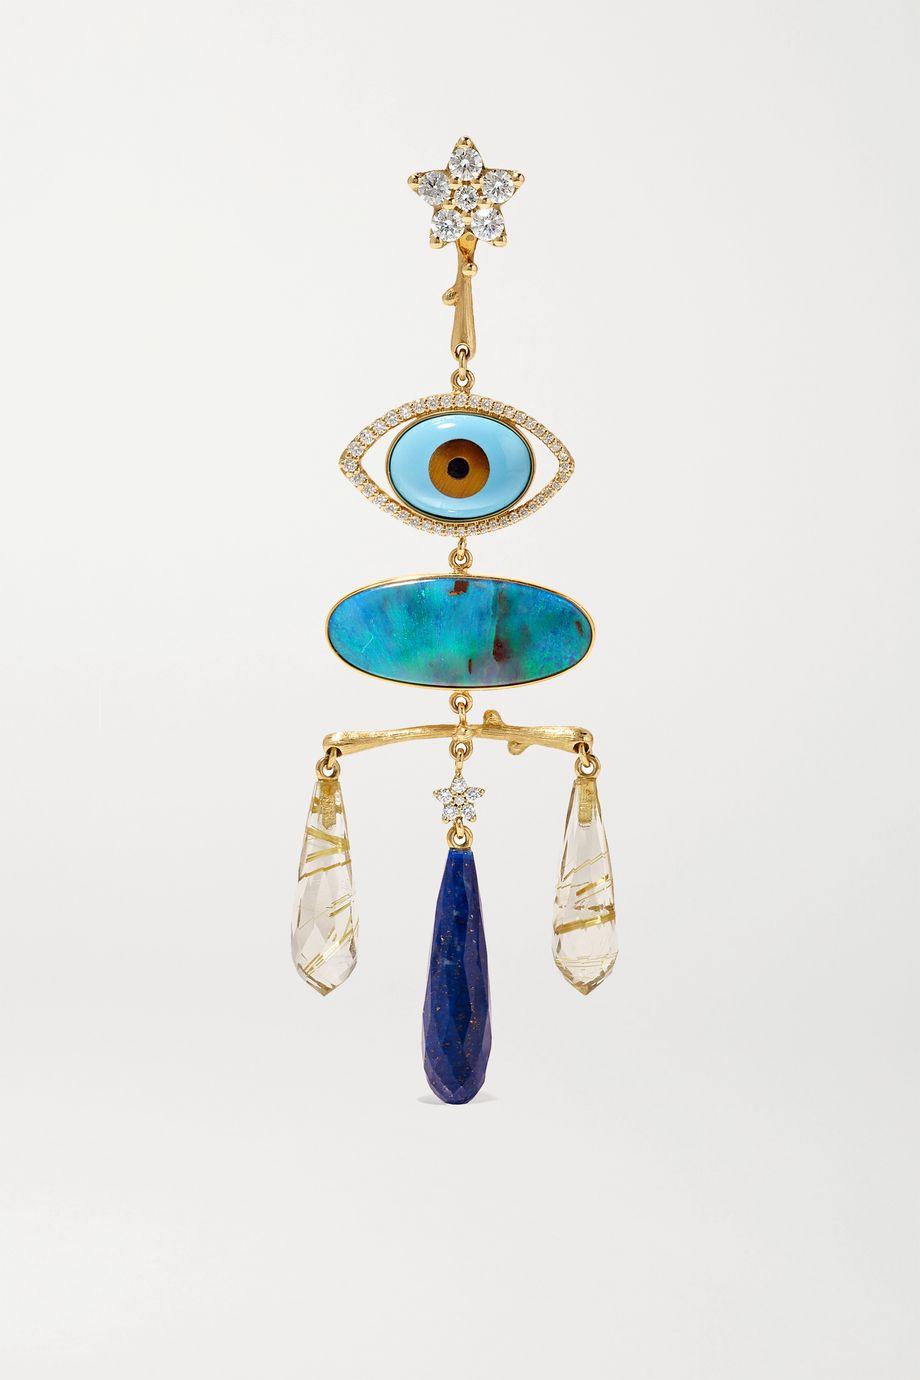 OLE LYNGGAARD COPENHAGEN Shooting Stars 18-karat gold multi-stone earring